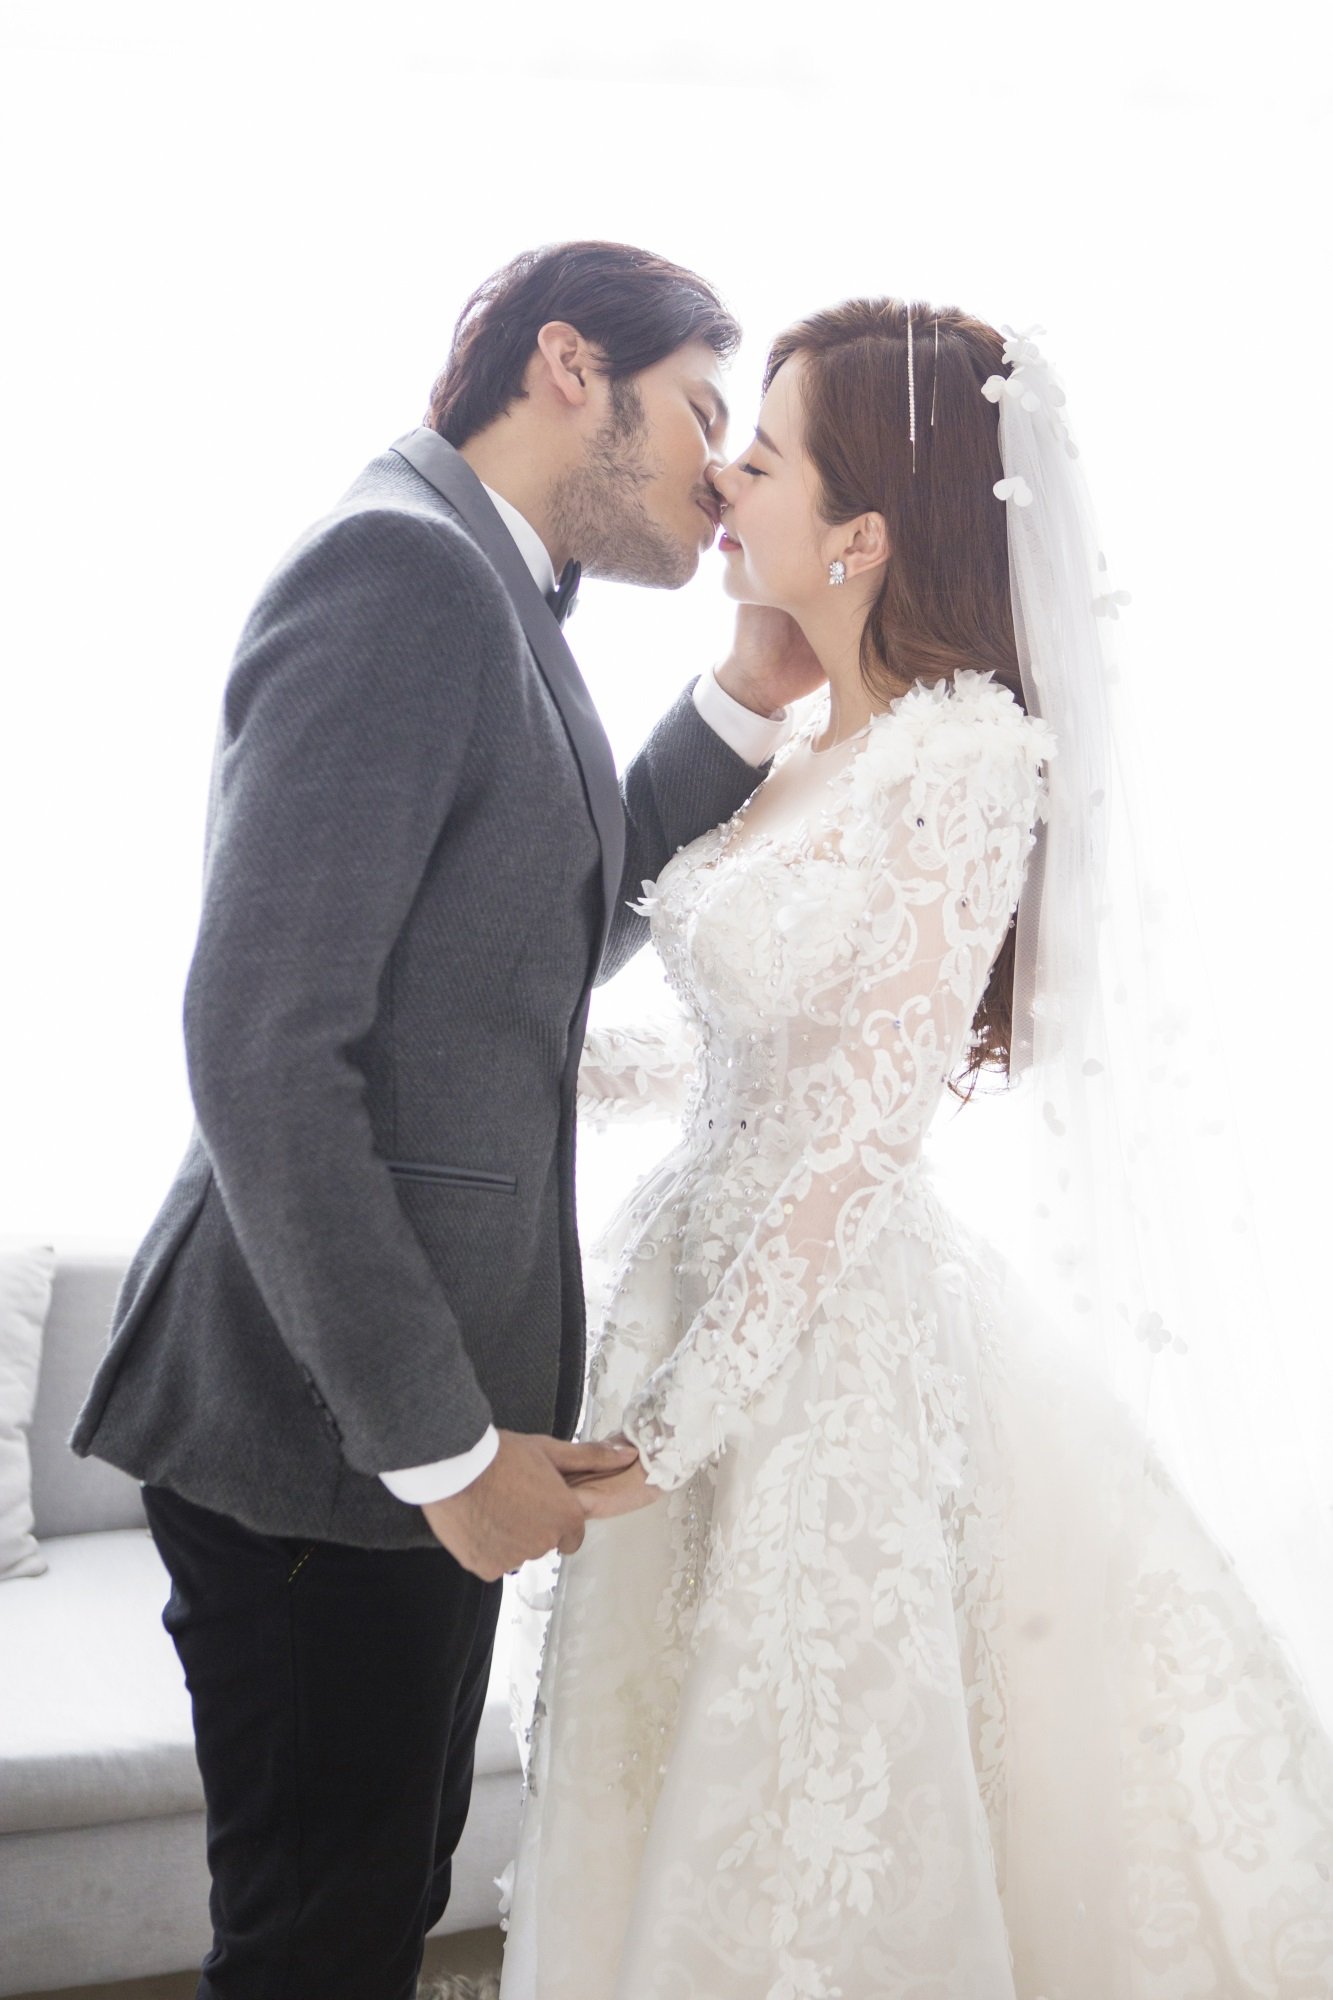 Diễn viên Gạo nếp gạo tẻ 'khoá môi' bạn trai ngọt ngào trong ảnh cưới - Ảnh 8